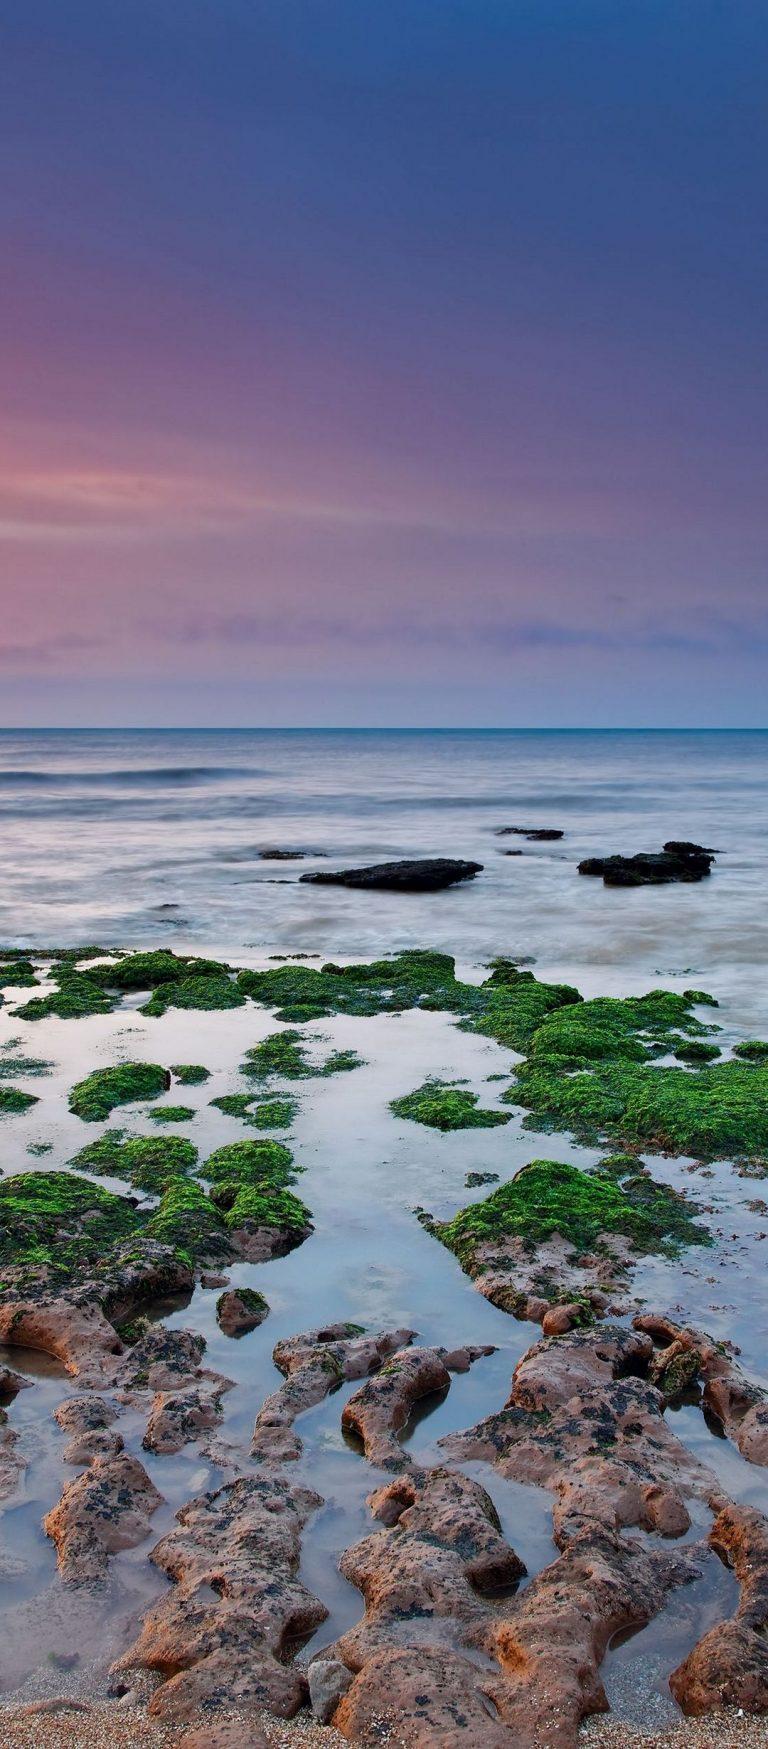 Reefs Moss Sea Rain Algae 1080x2460 768x1749